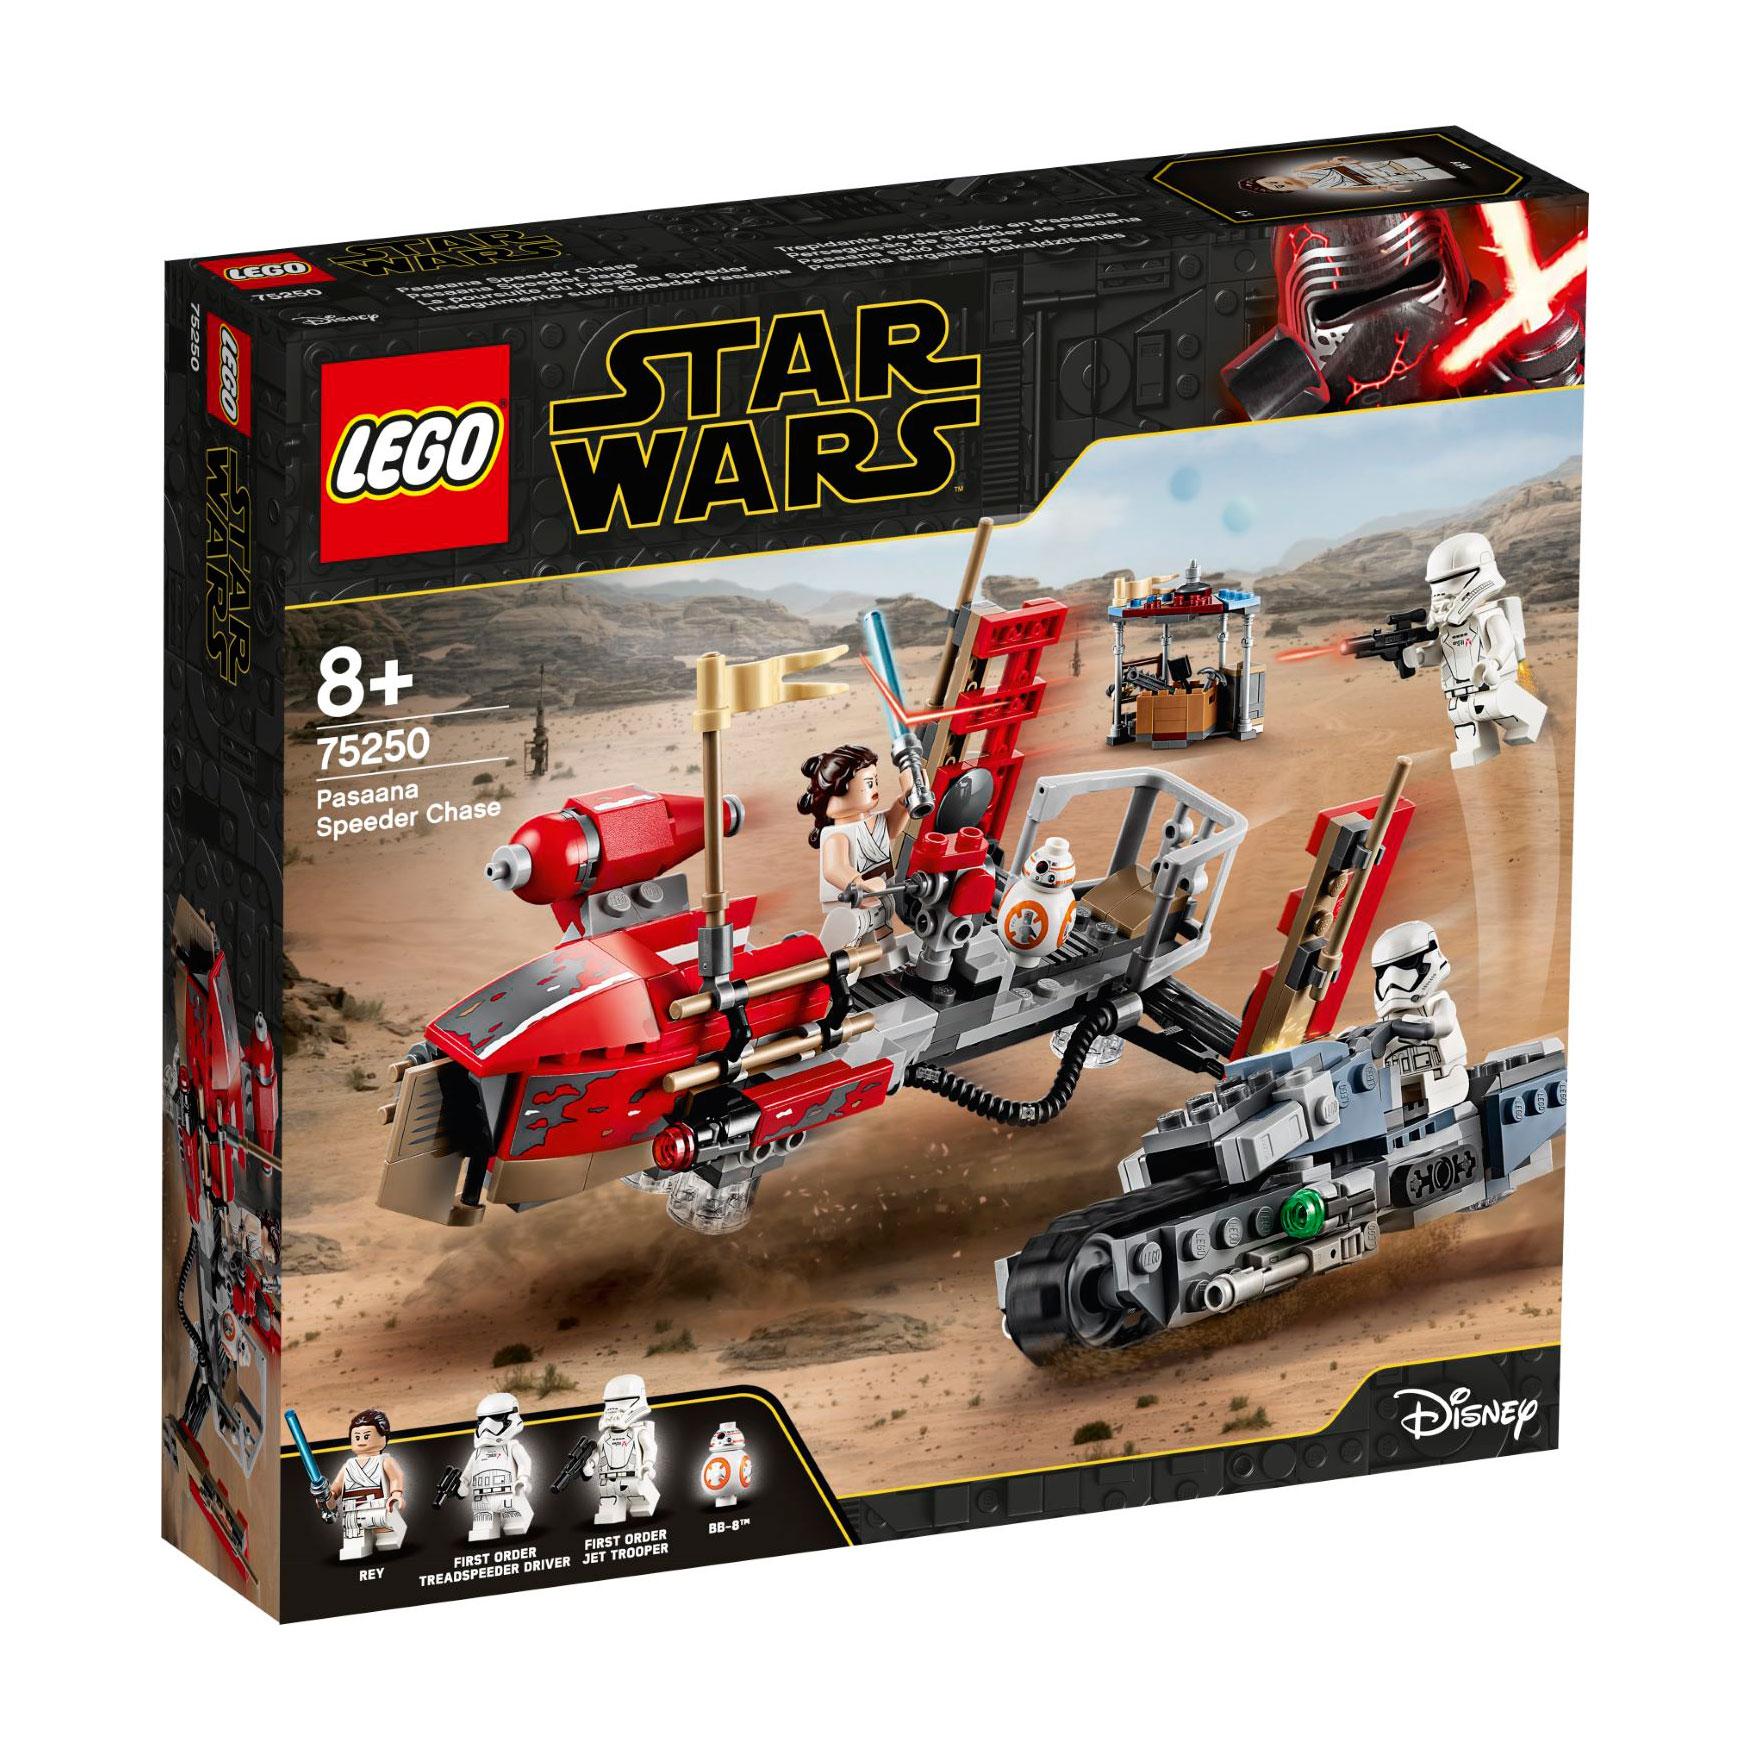 לגו מגה סטור מלחמת הכוכבים LEGO Pasaana Speeder Chase 75250